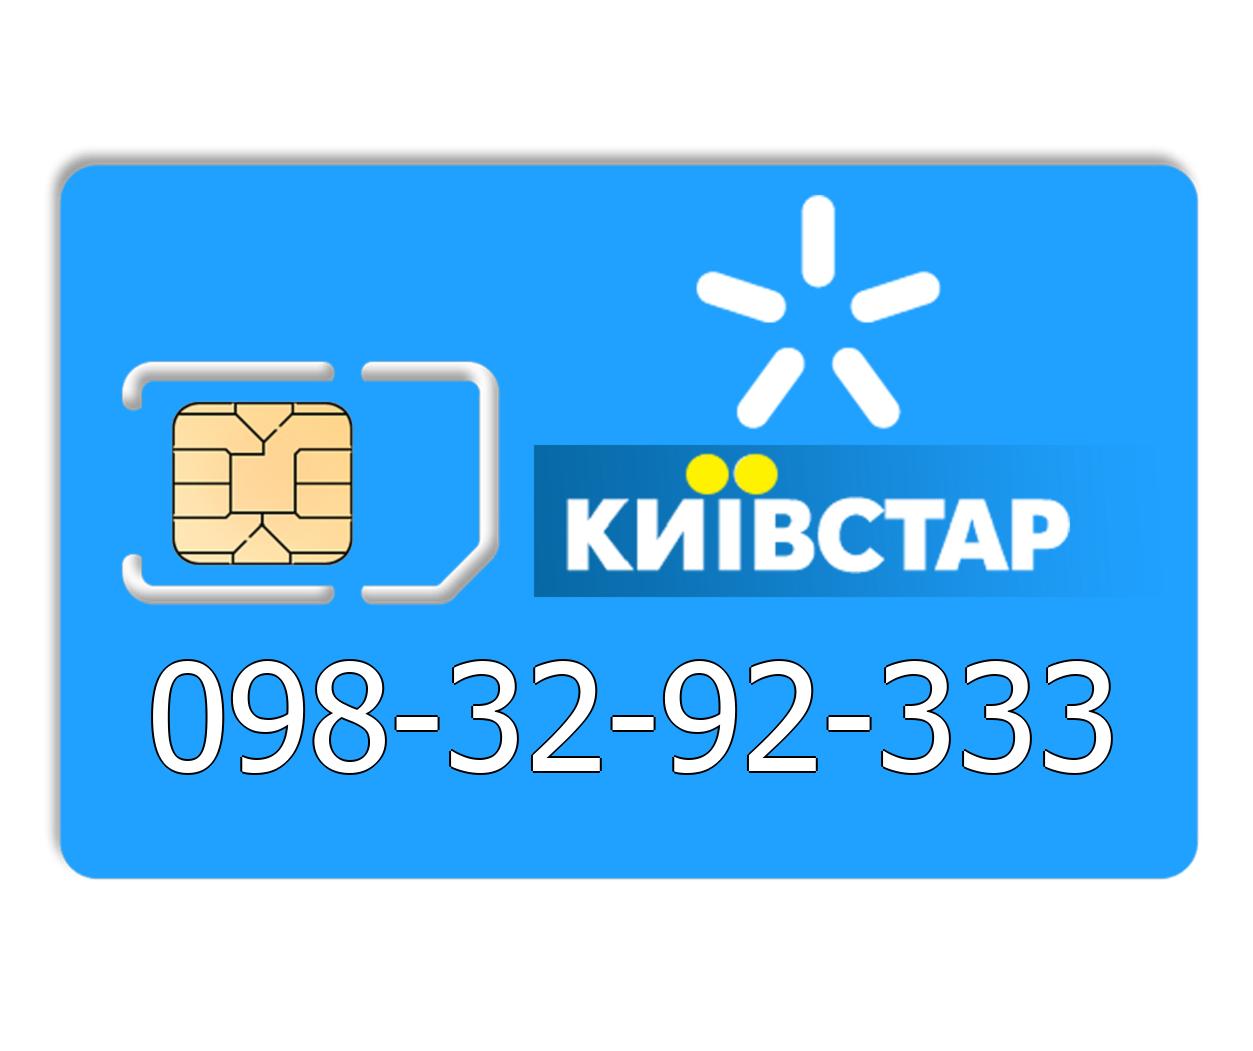 Красивый номер Киевстар 098-32-92-333